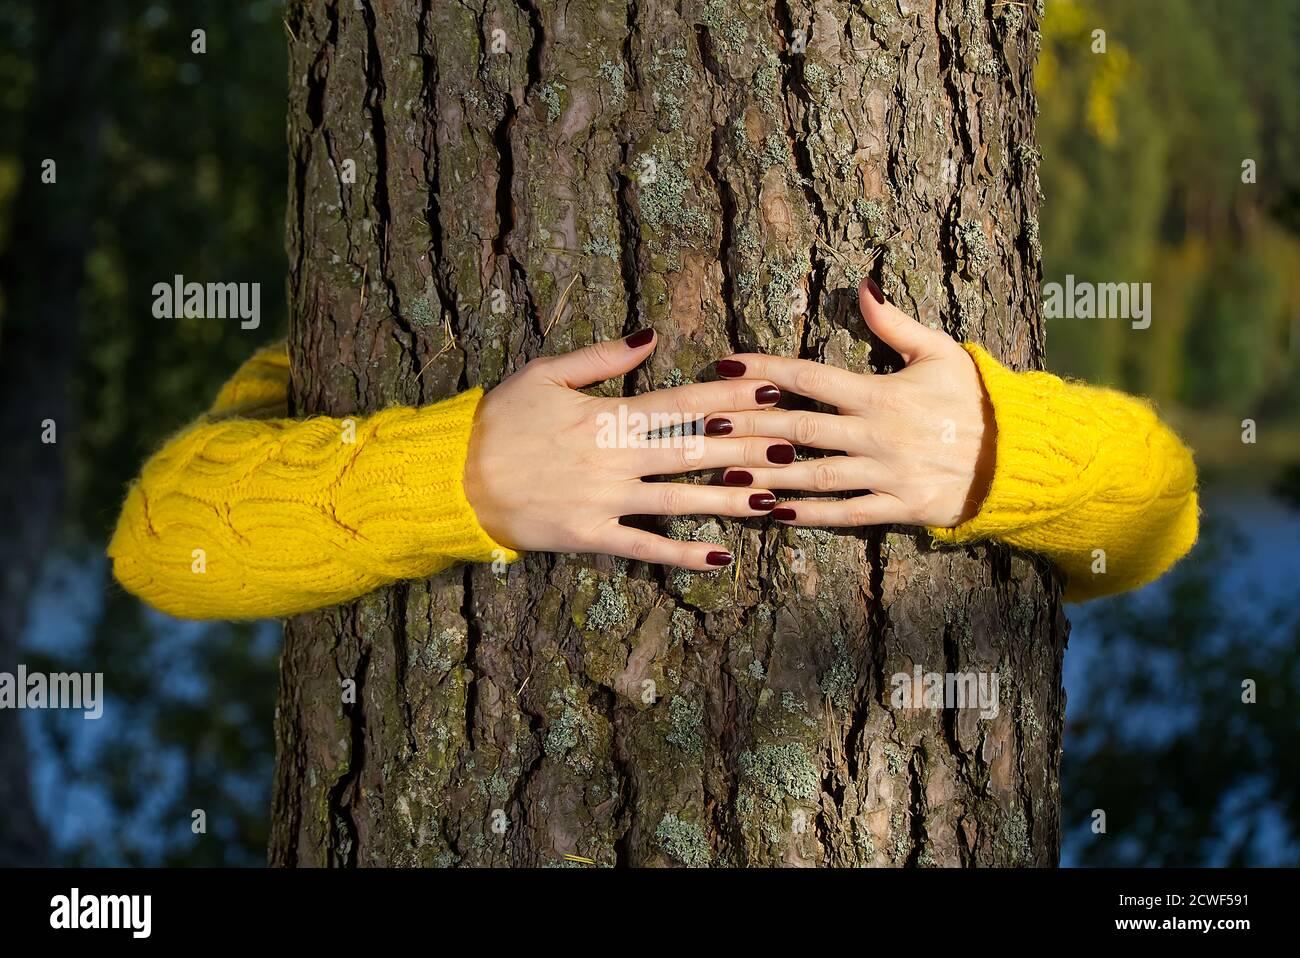 Manos de la mujer abrazando el tronco del pino en el bosque de otoño concepto de ecología y medio ambiente, estilo de vida ecológico - cambiar el mundo, la protección para la vida y el planeta Foto de stock